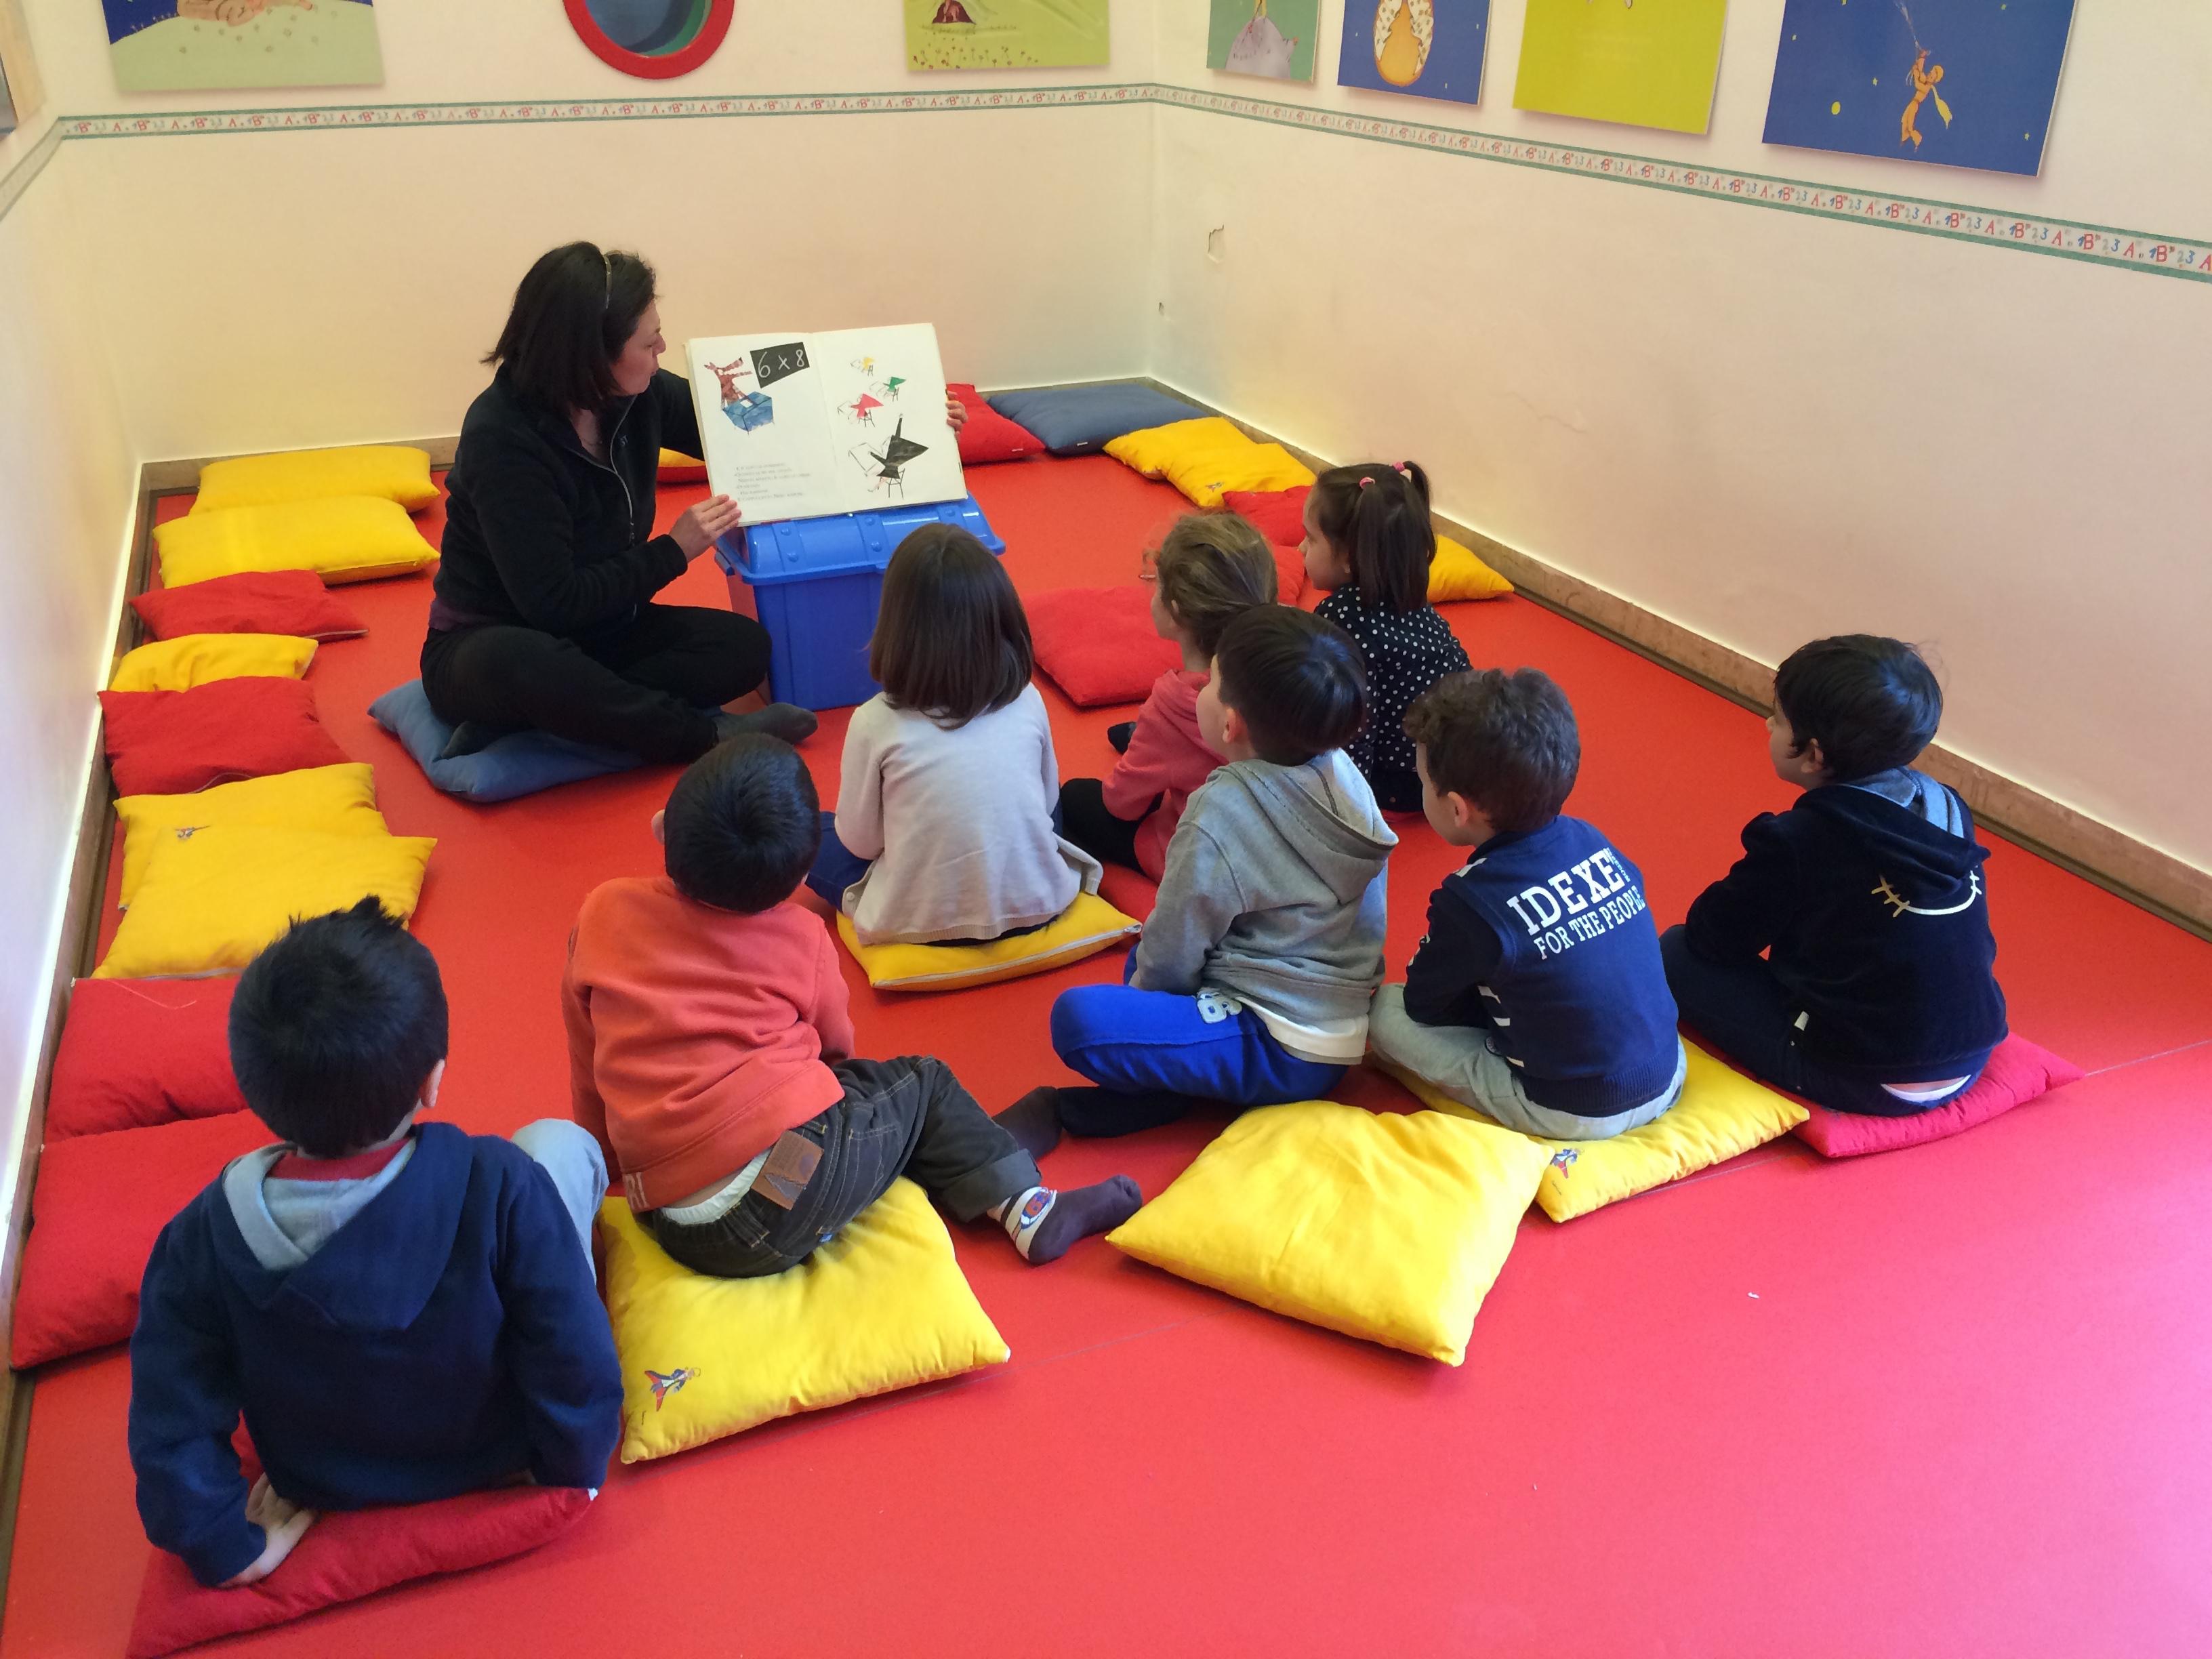 Laboratori di lettura ad alta voce per i più piccoli